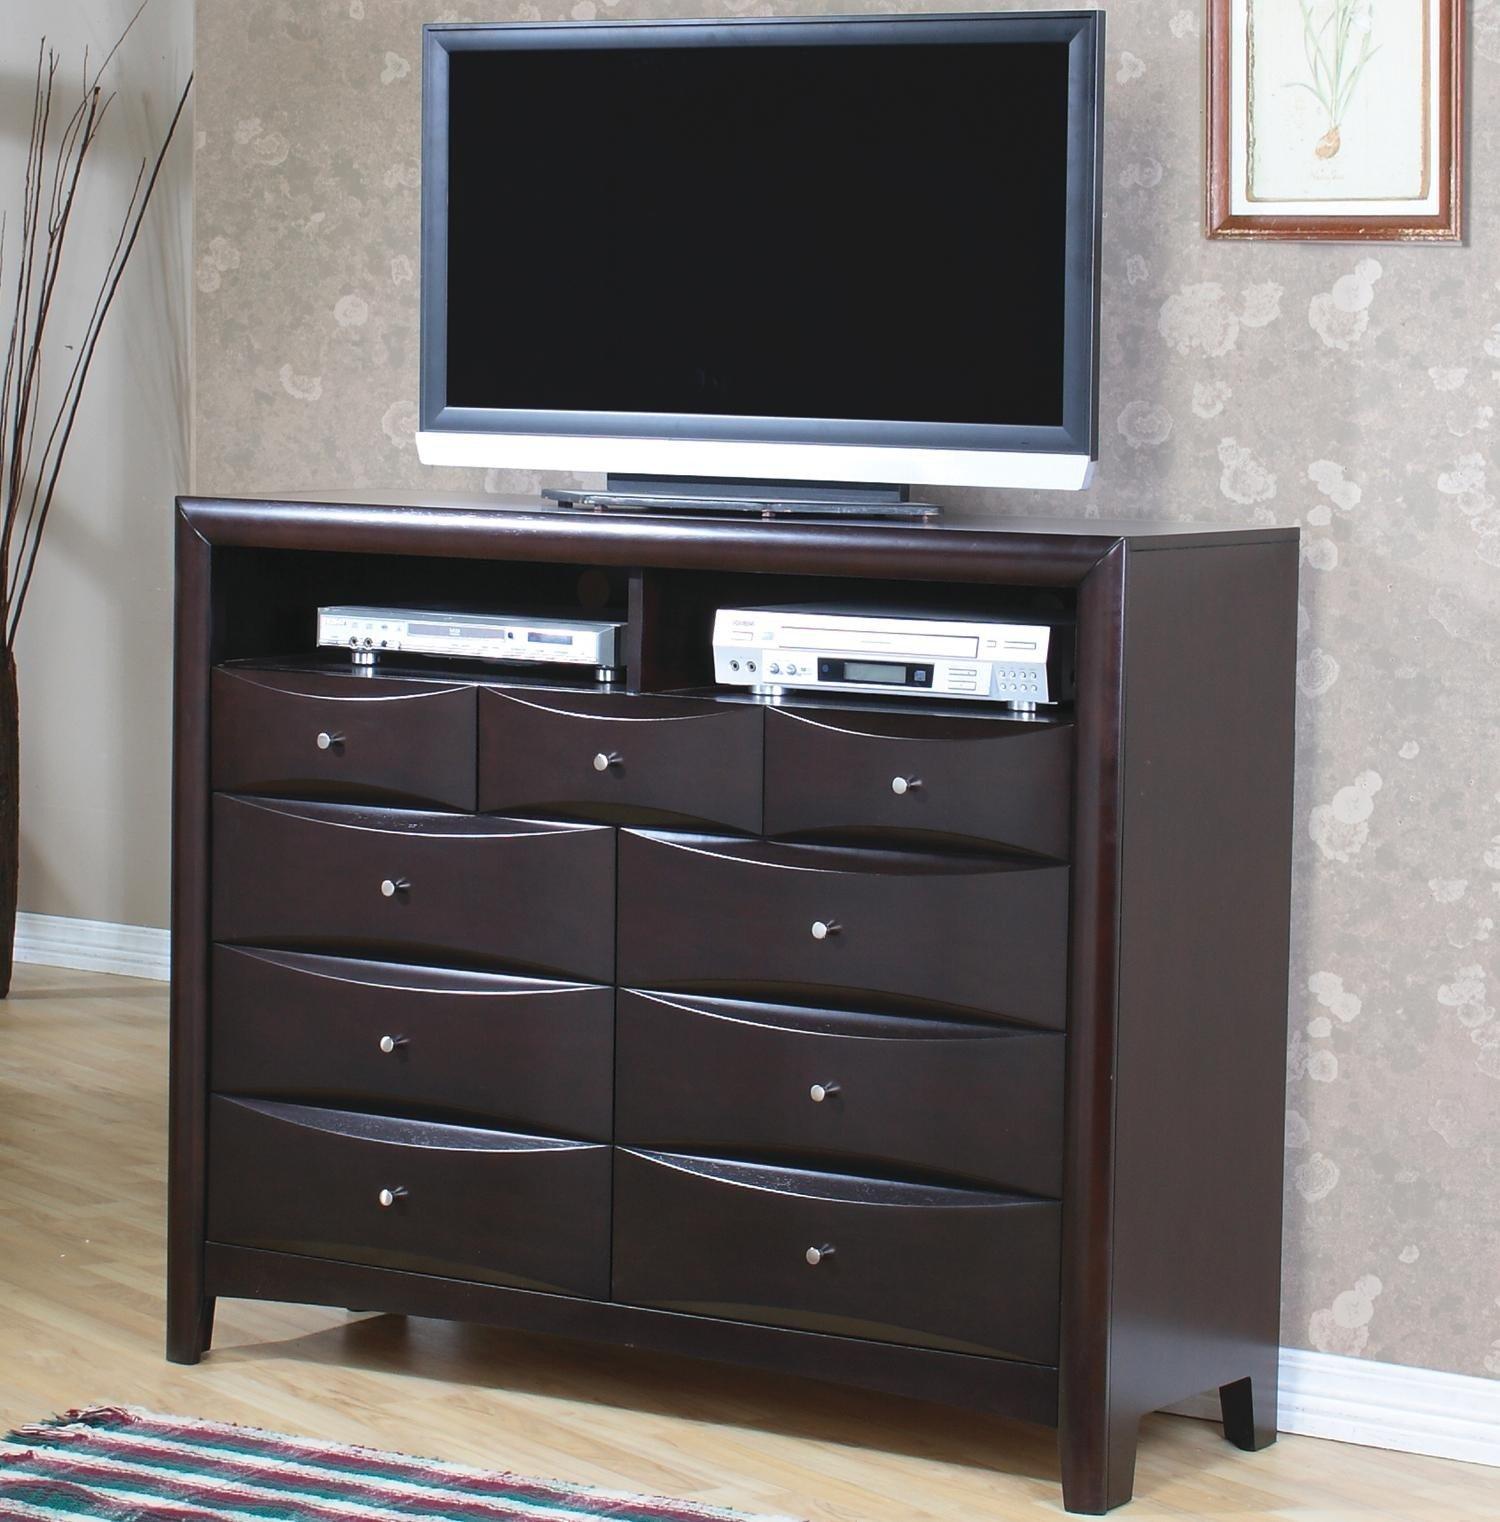 Bedroom TV Stand Dresser  Home Furniture Design